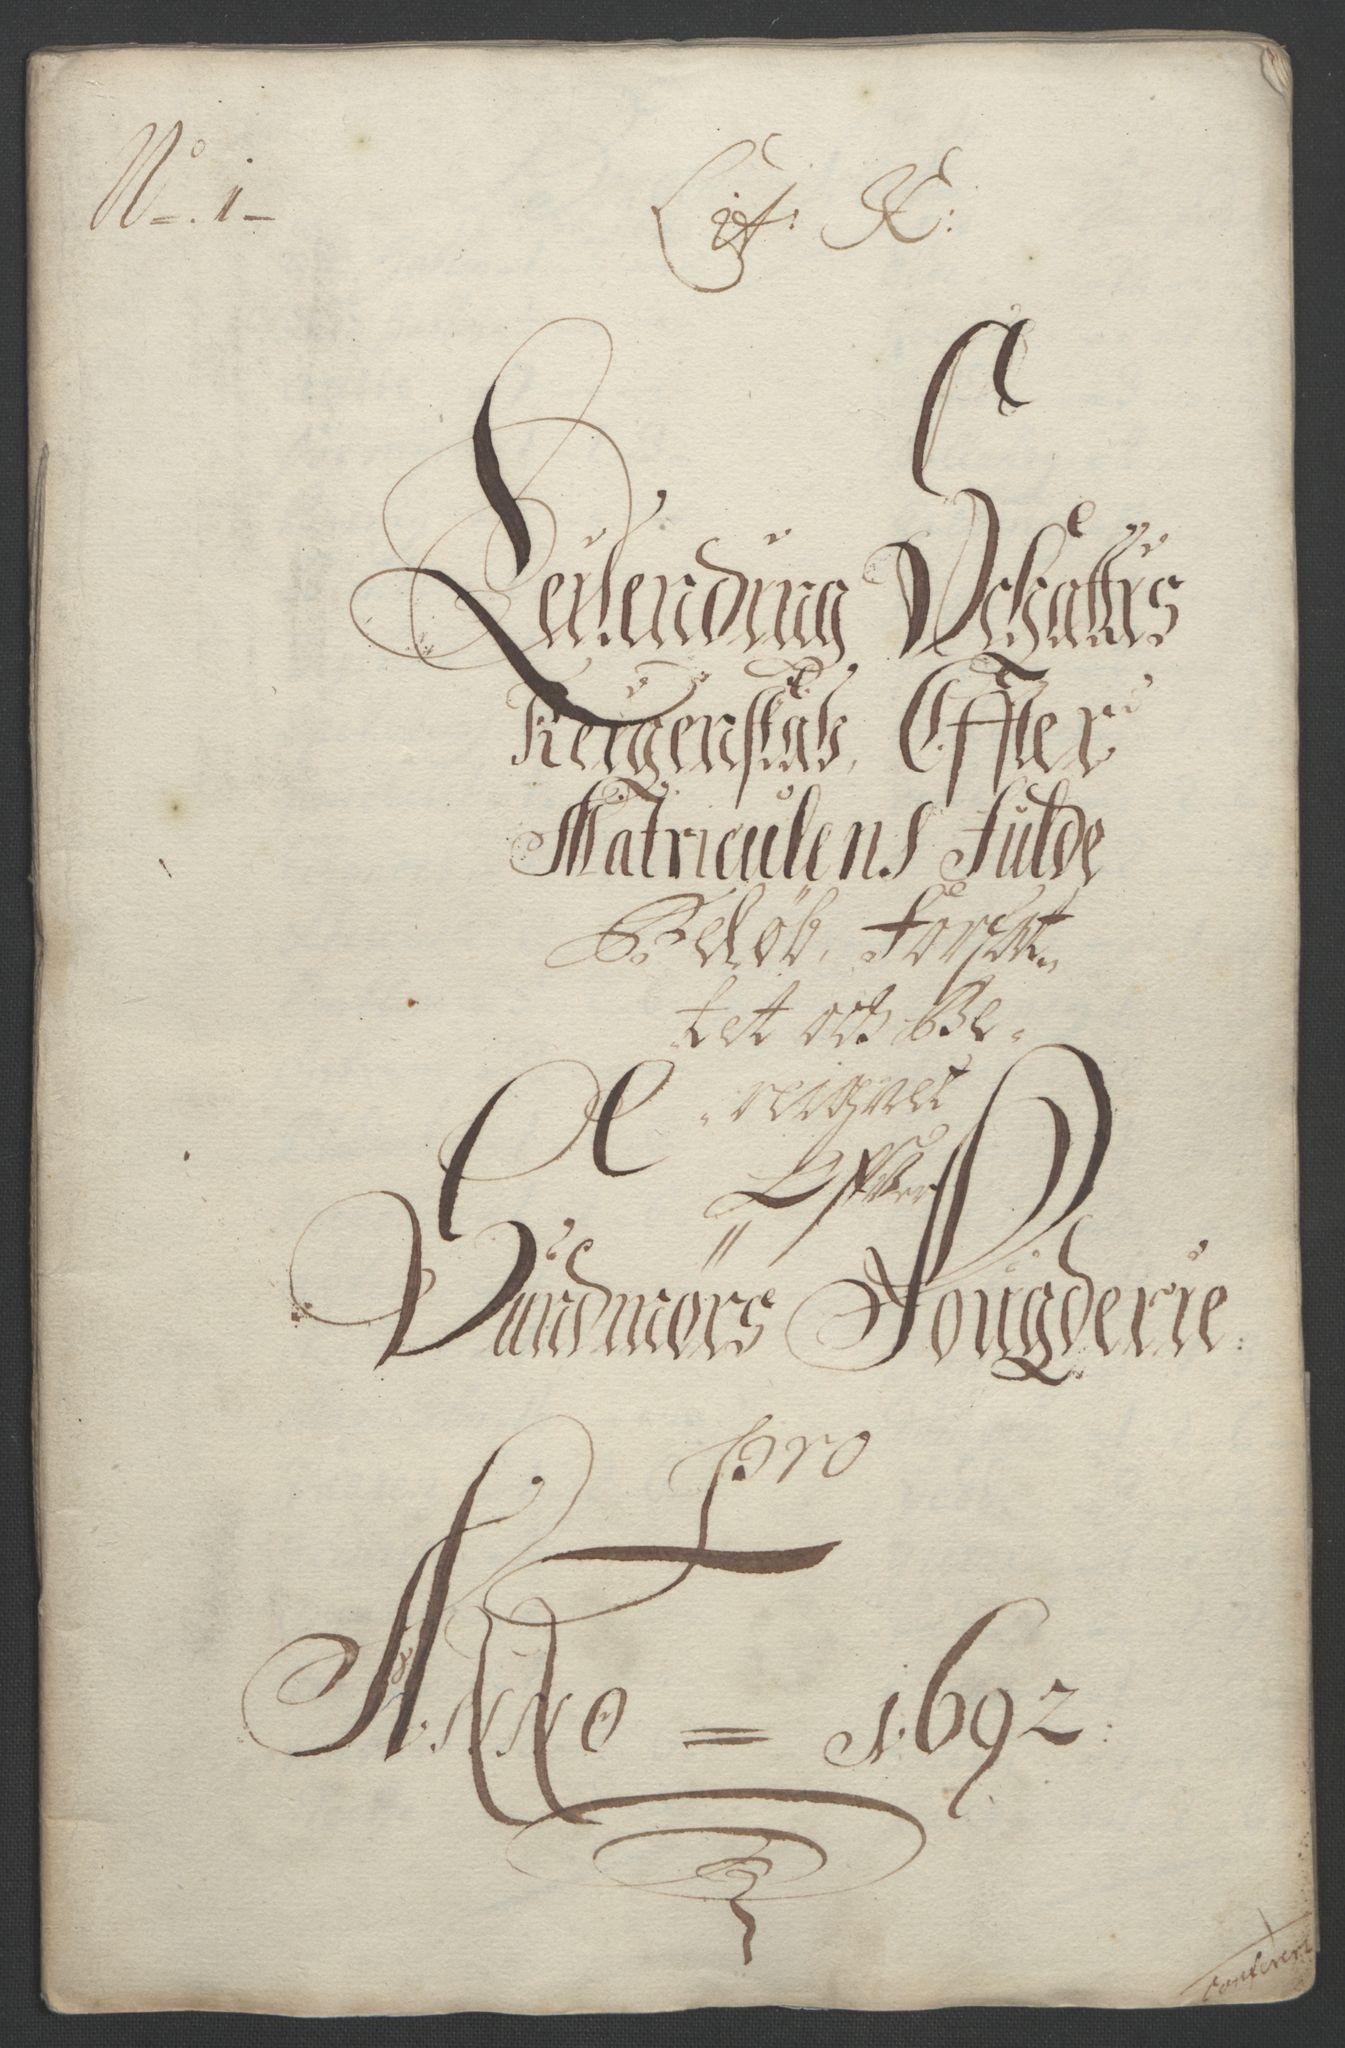 RA, Rentekammeret inntil 1814, Reviderte regnskaper, Fogderegnskap, R54/L3554: Fogderegnskap Sunnmøre, 1691-1693, s. 308